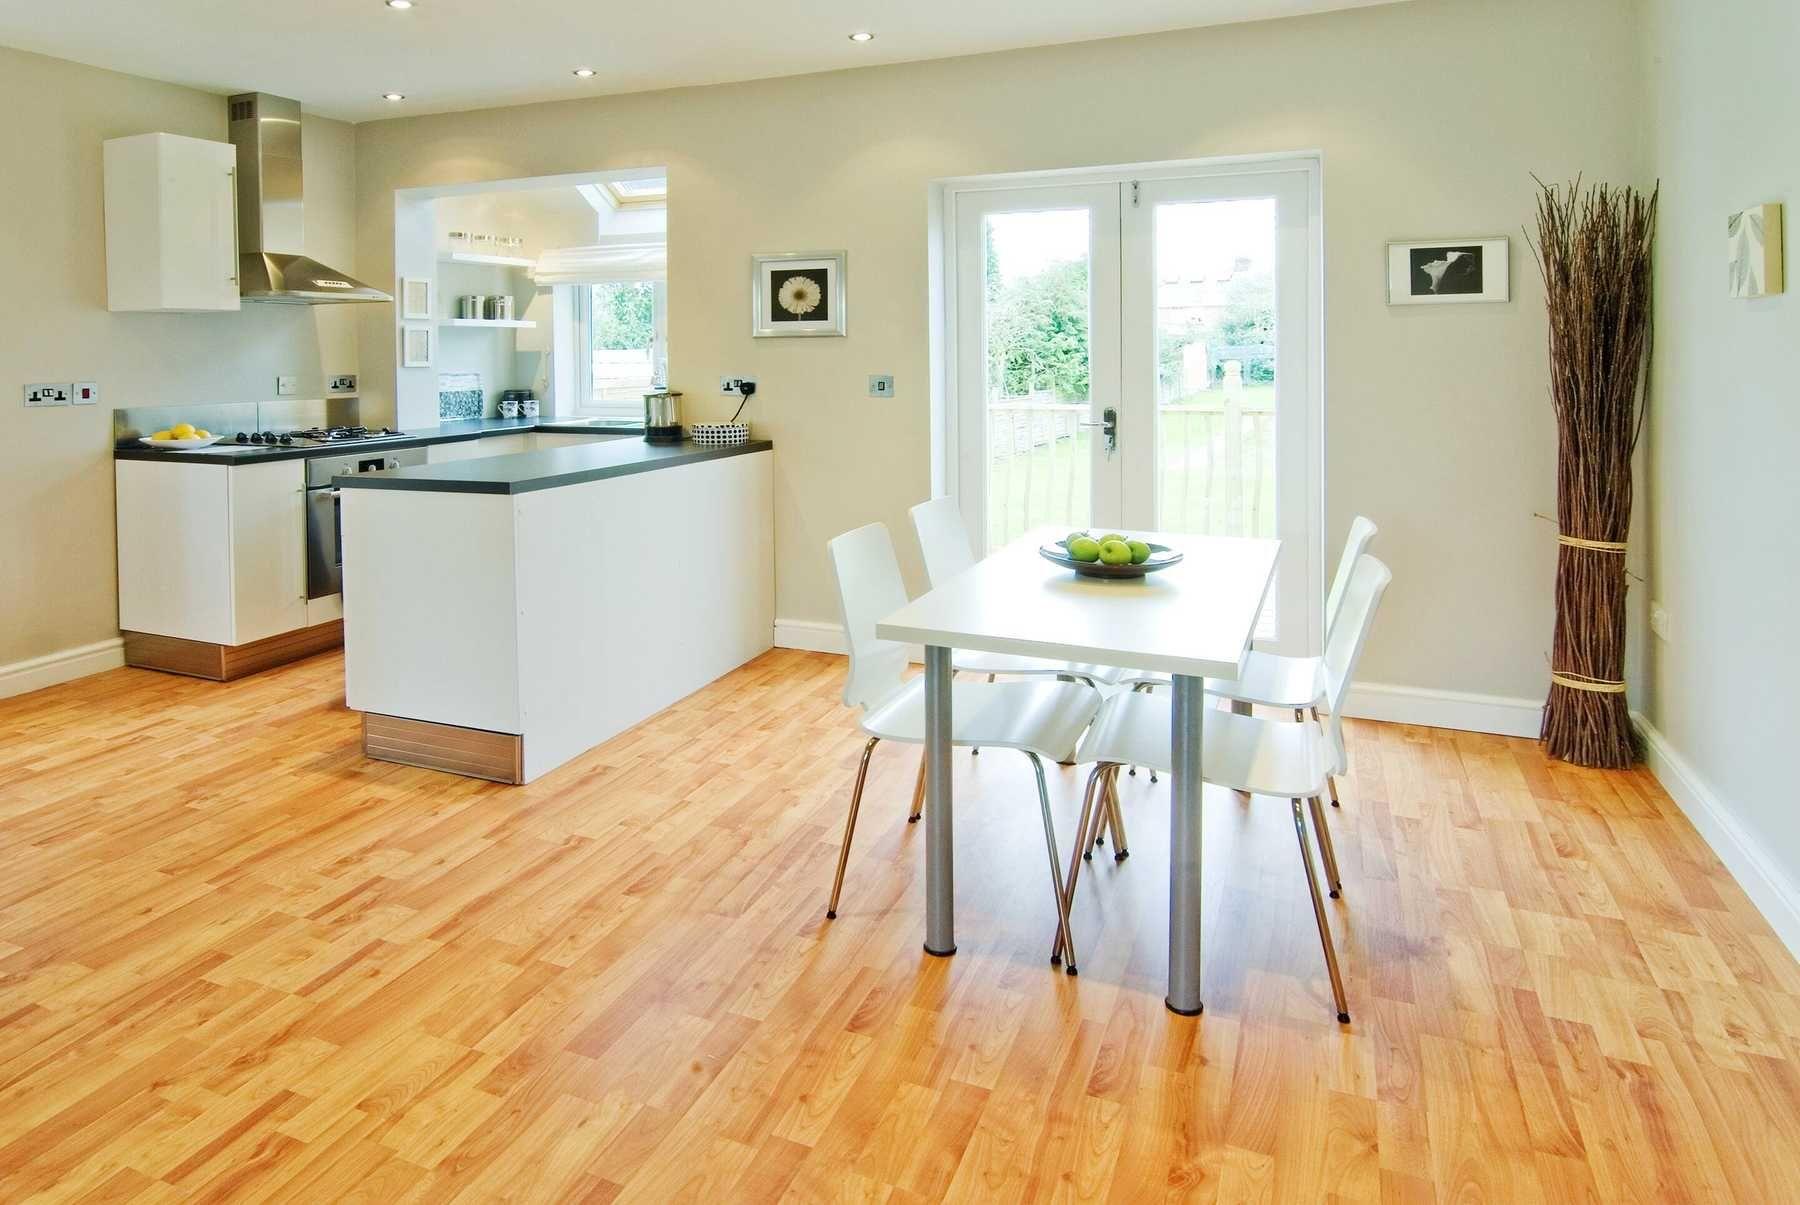 Trang trí nhà bếp nhỏ hẹp với những vật dụng đơn giản